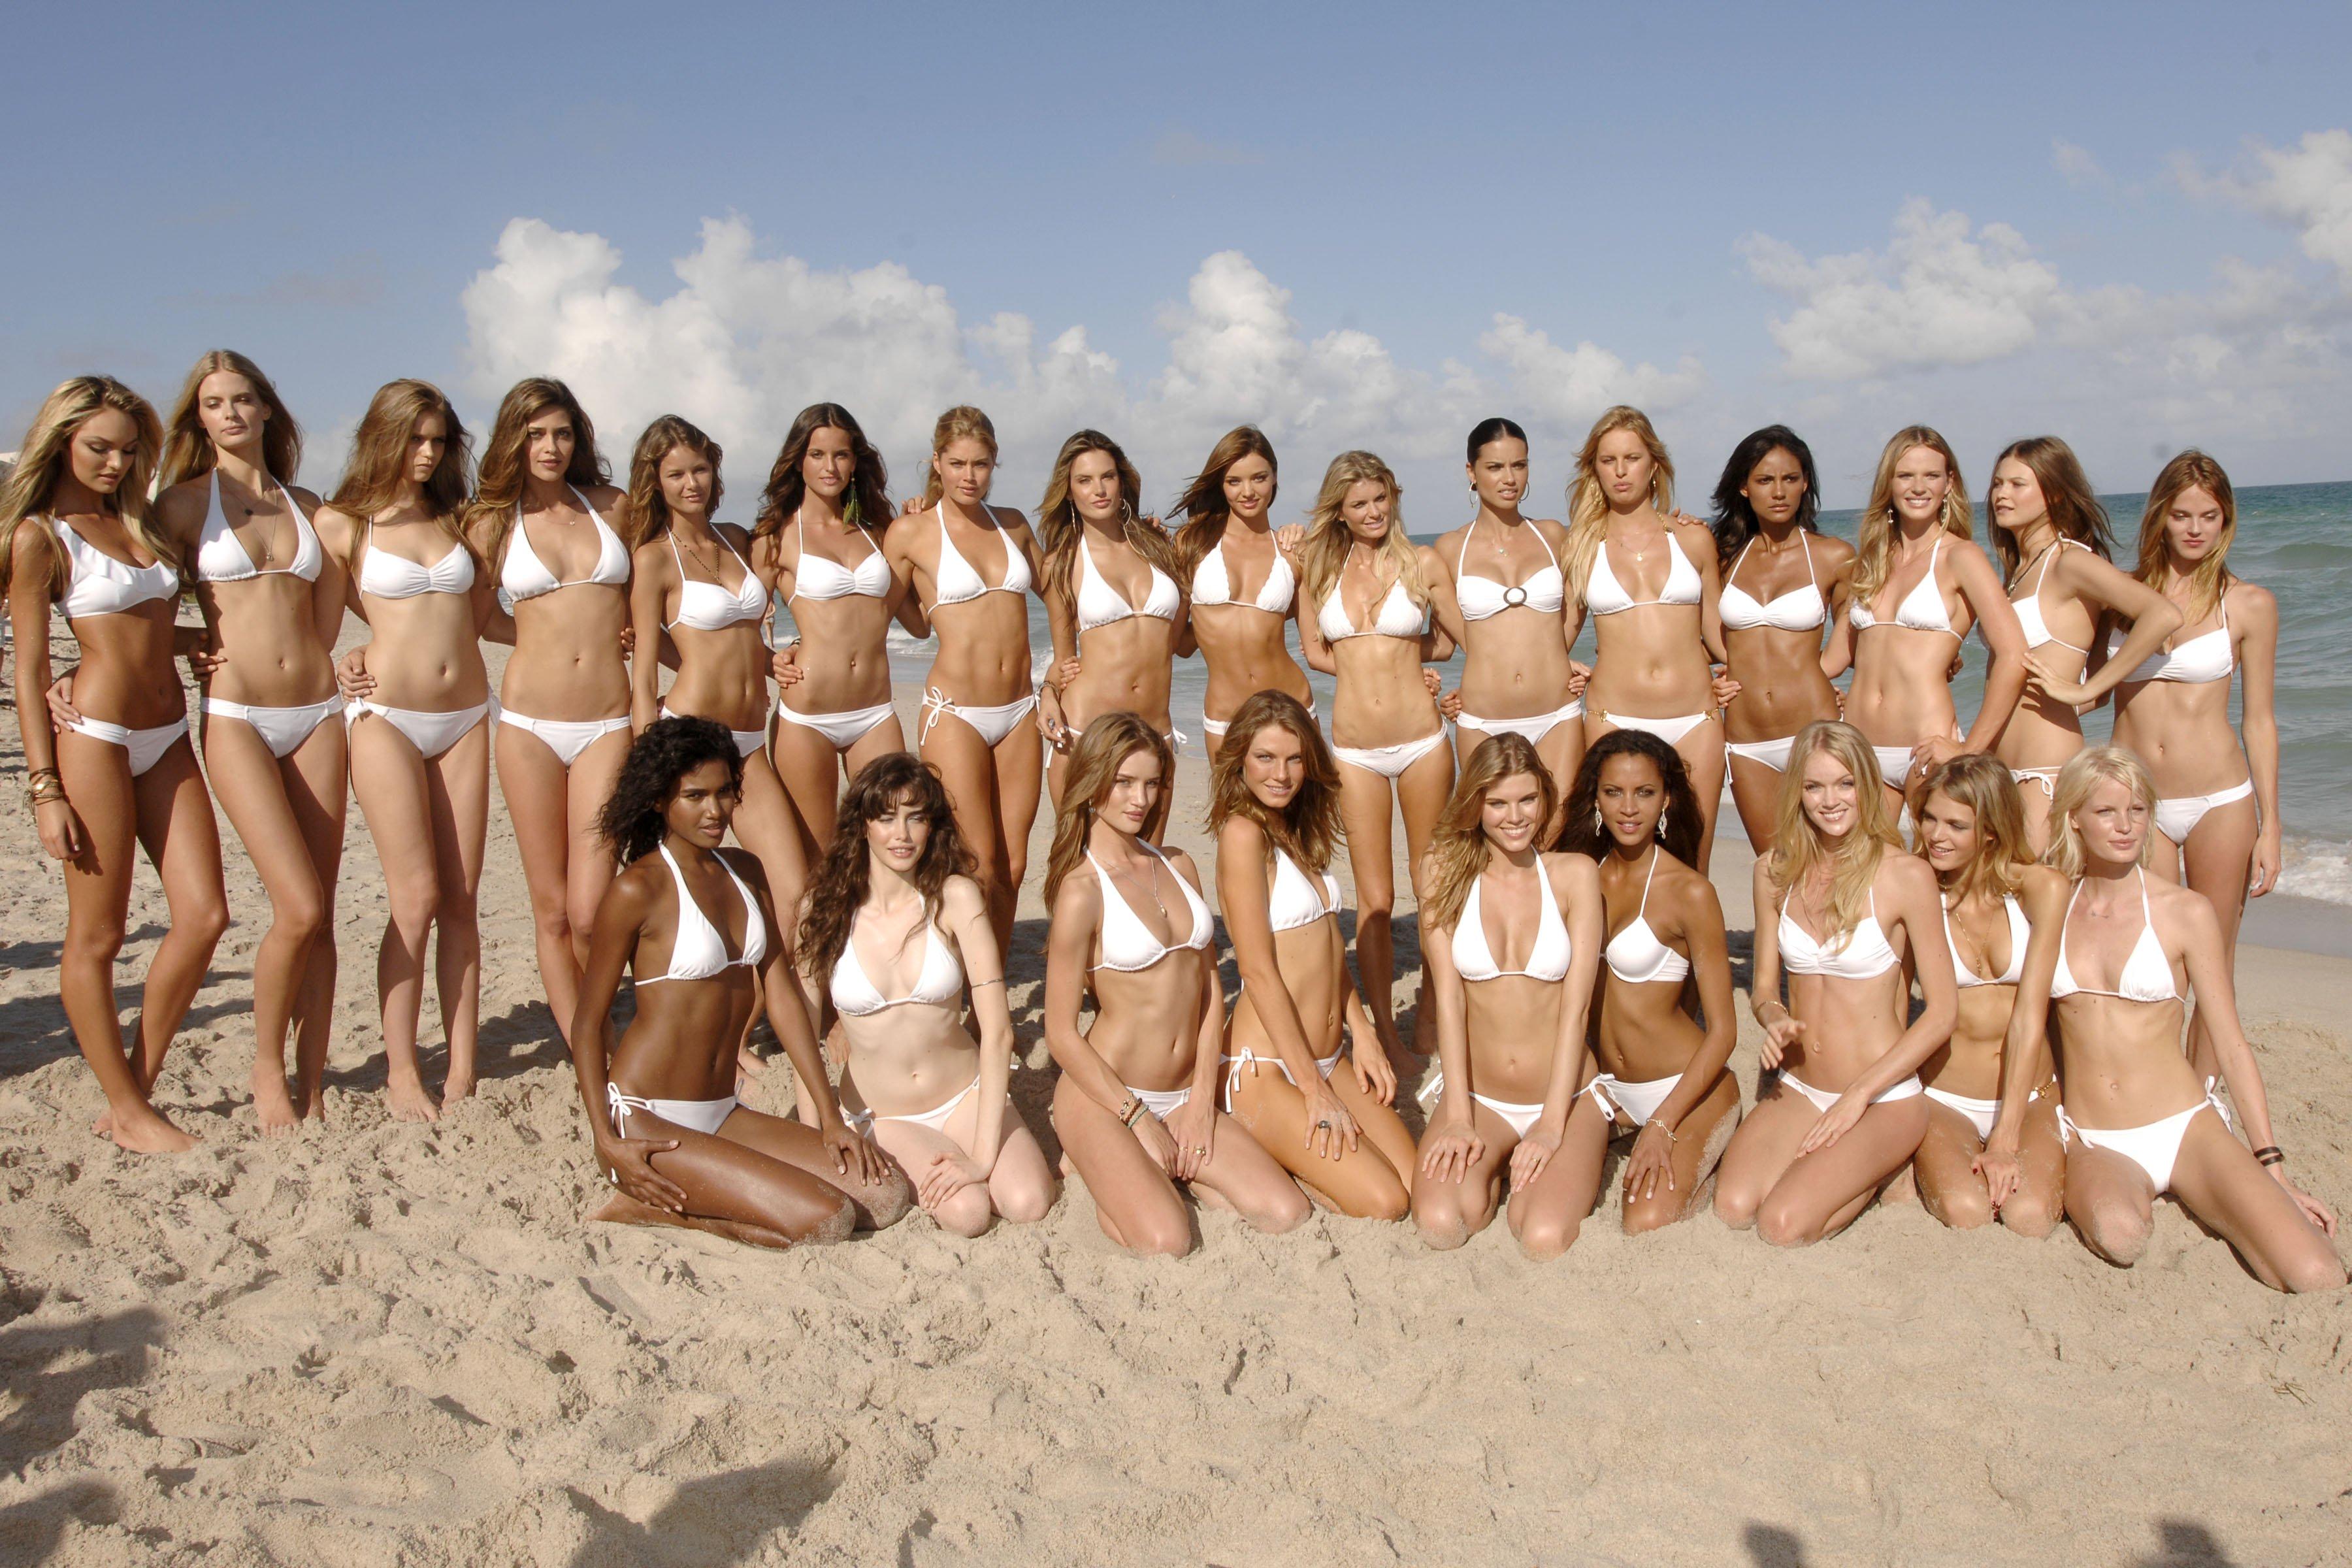 Суперские красотки смотреть онлайн 9 фотография